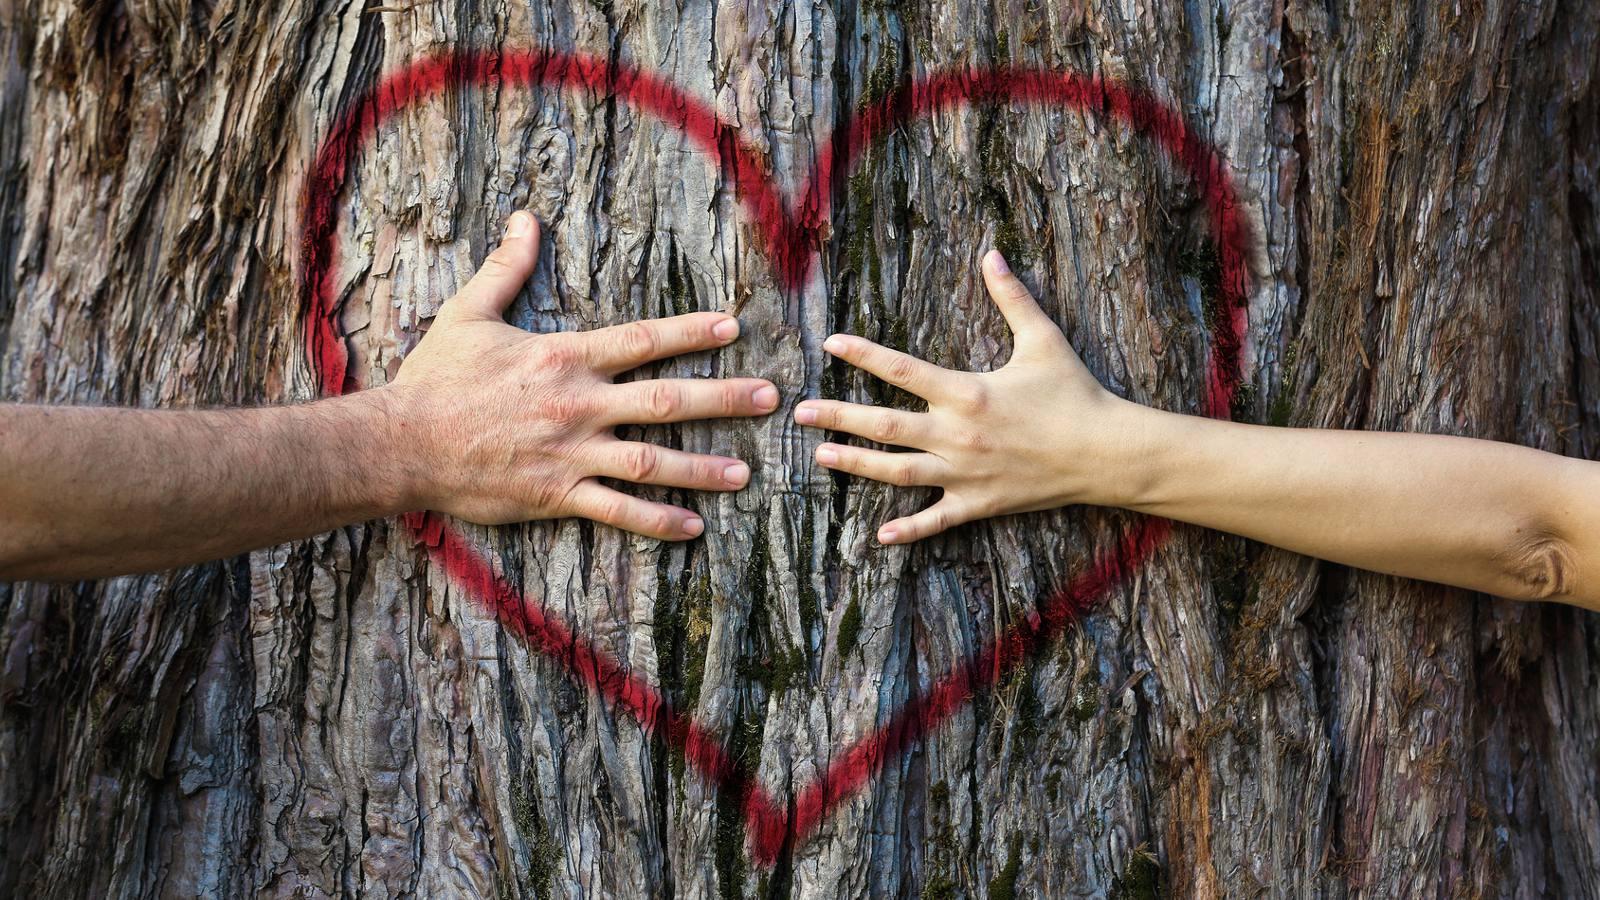 Den Seelenpartner erkennen - Wahre Liebe finden | evidero